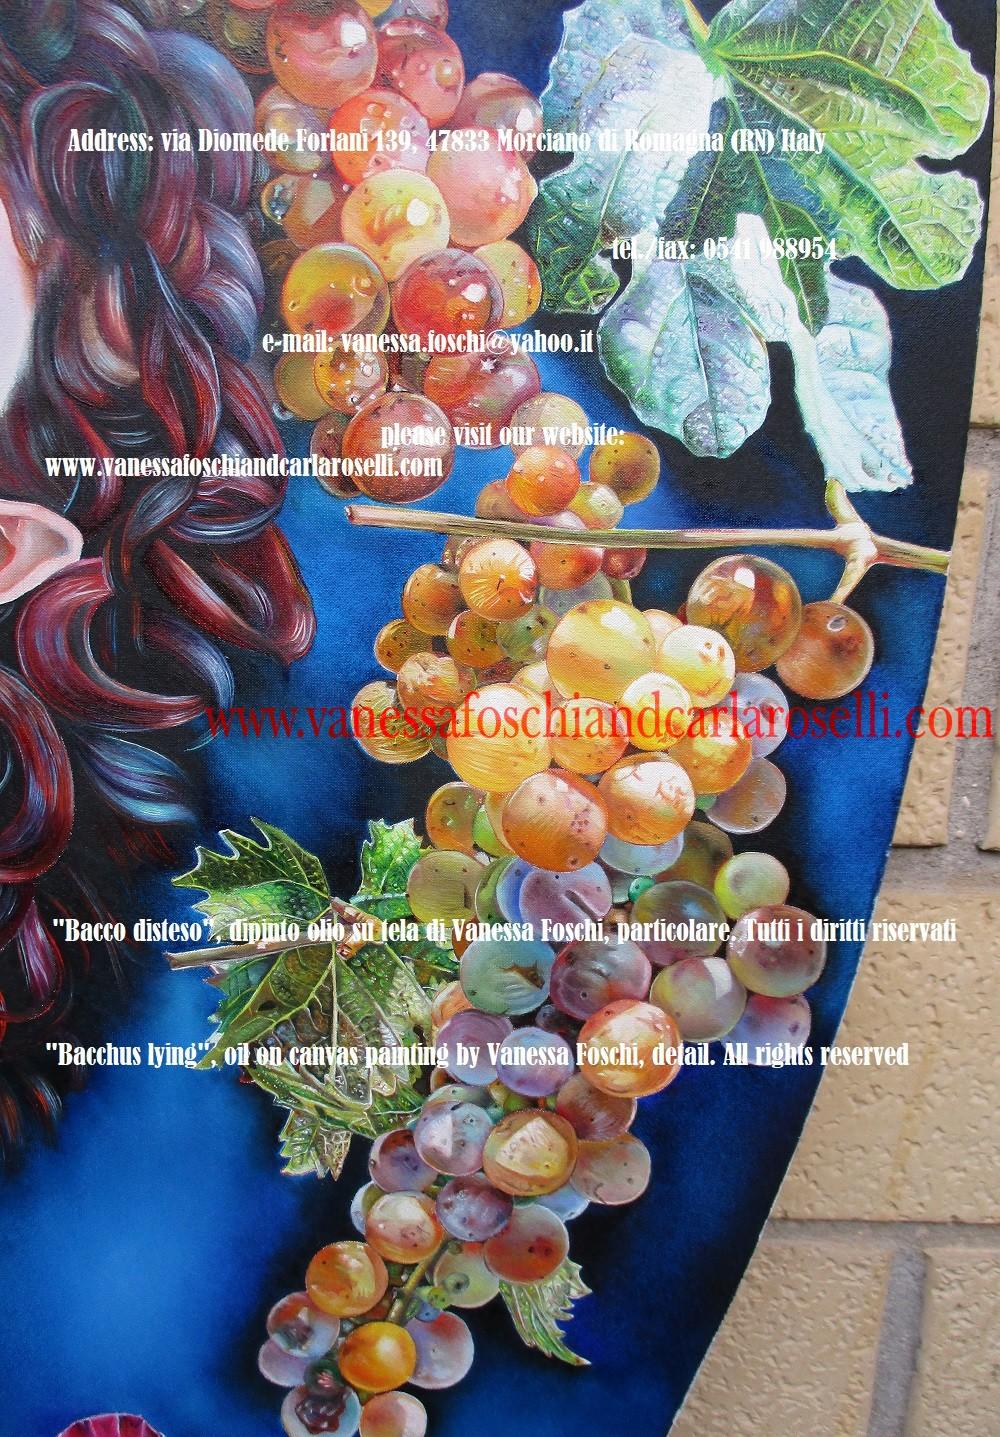 Bacchus lying, oil on canvas painting by Vanessa Foschi -Bacco disteso, dipinto olio su tela di Vanessa Foschi , foglia di fico e uva